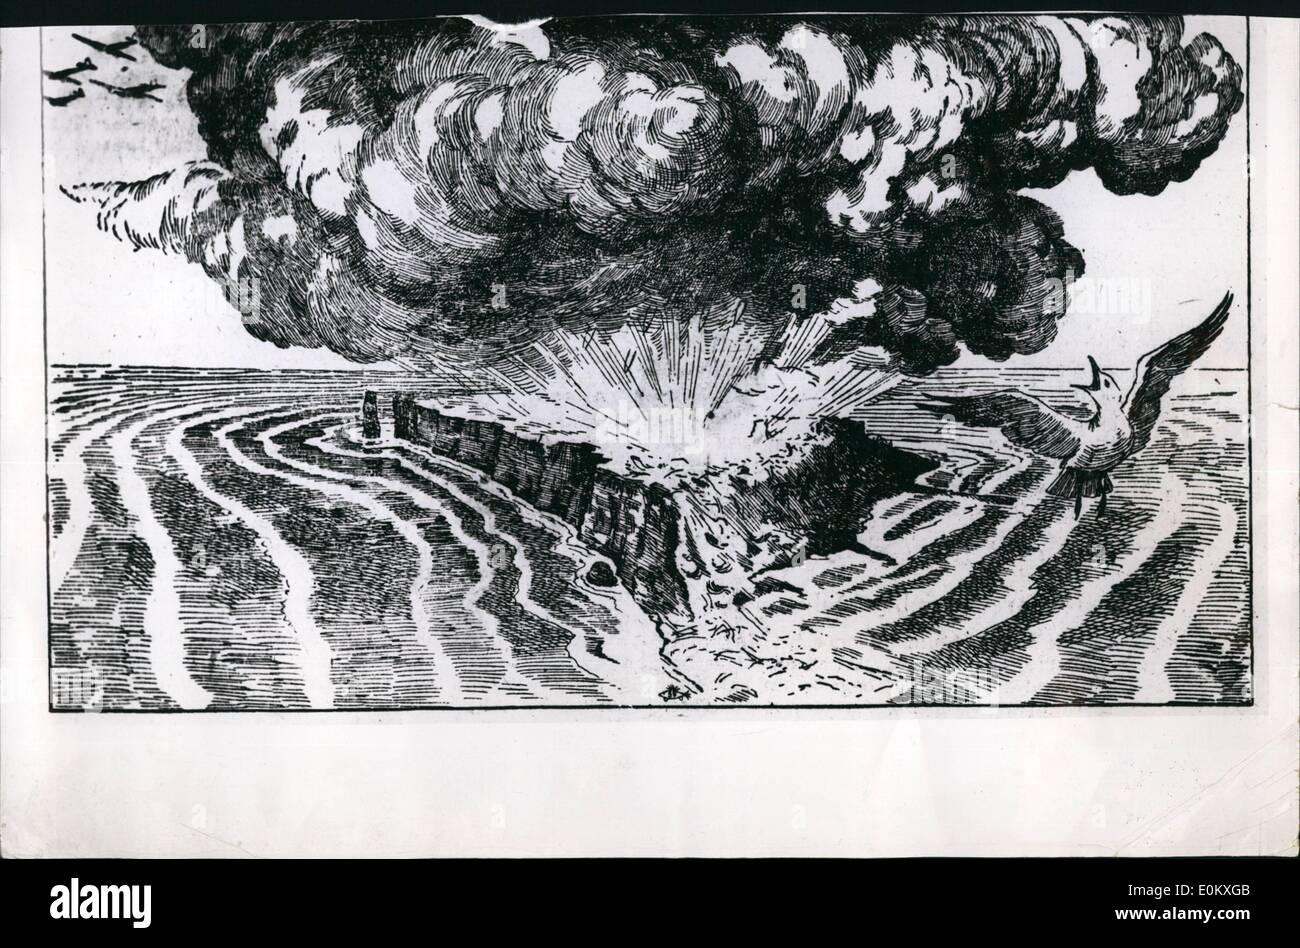 1. Januar 1951 - ist Bild des Künstlers auf die Ereignisse von der Detonation von Bomben auf Helgoland. Großbritannien hatte die Insel genutzt. Stockbild